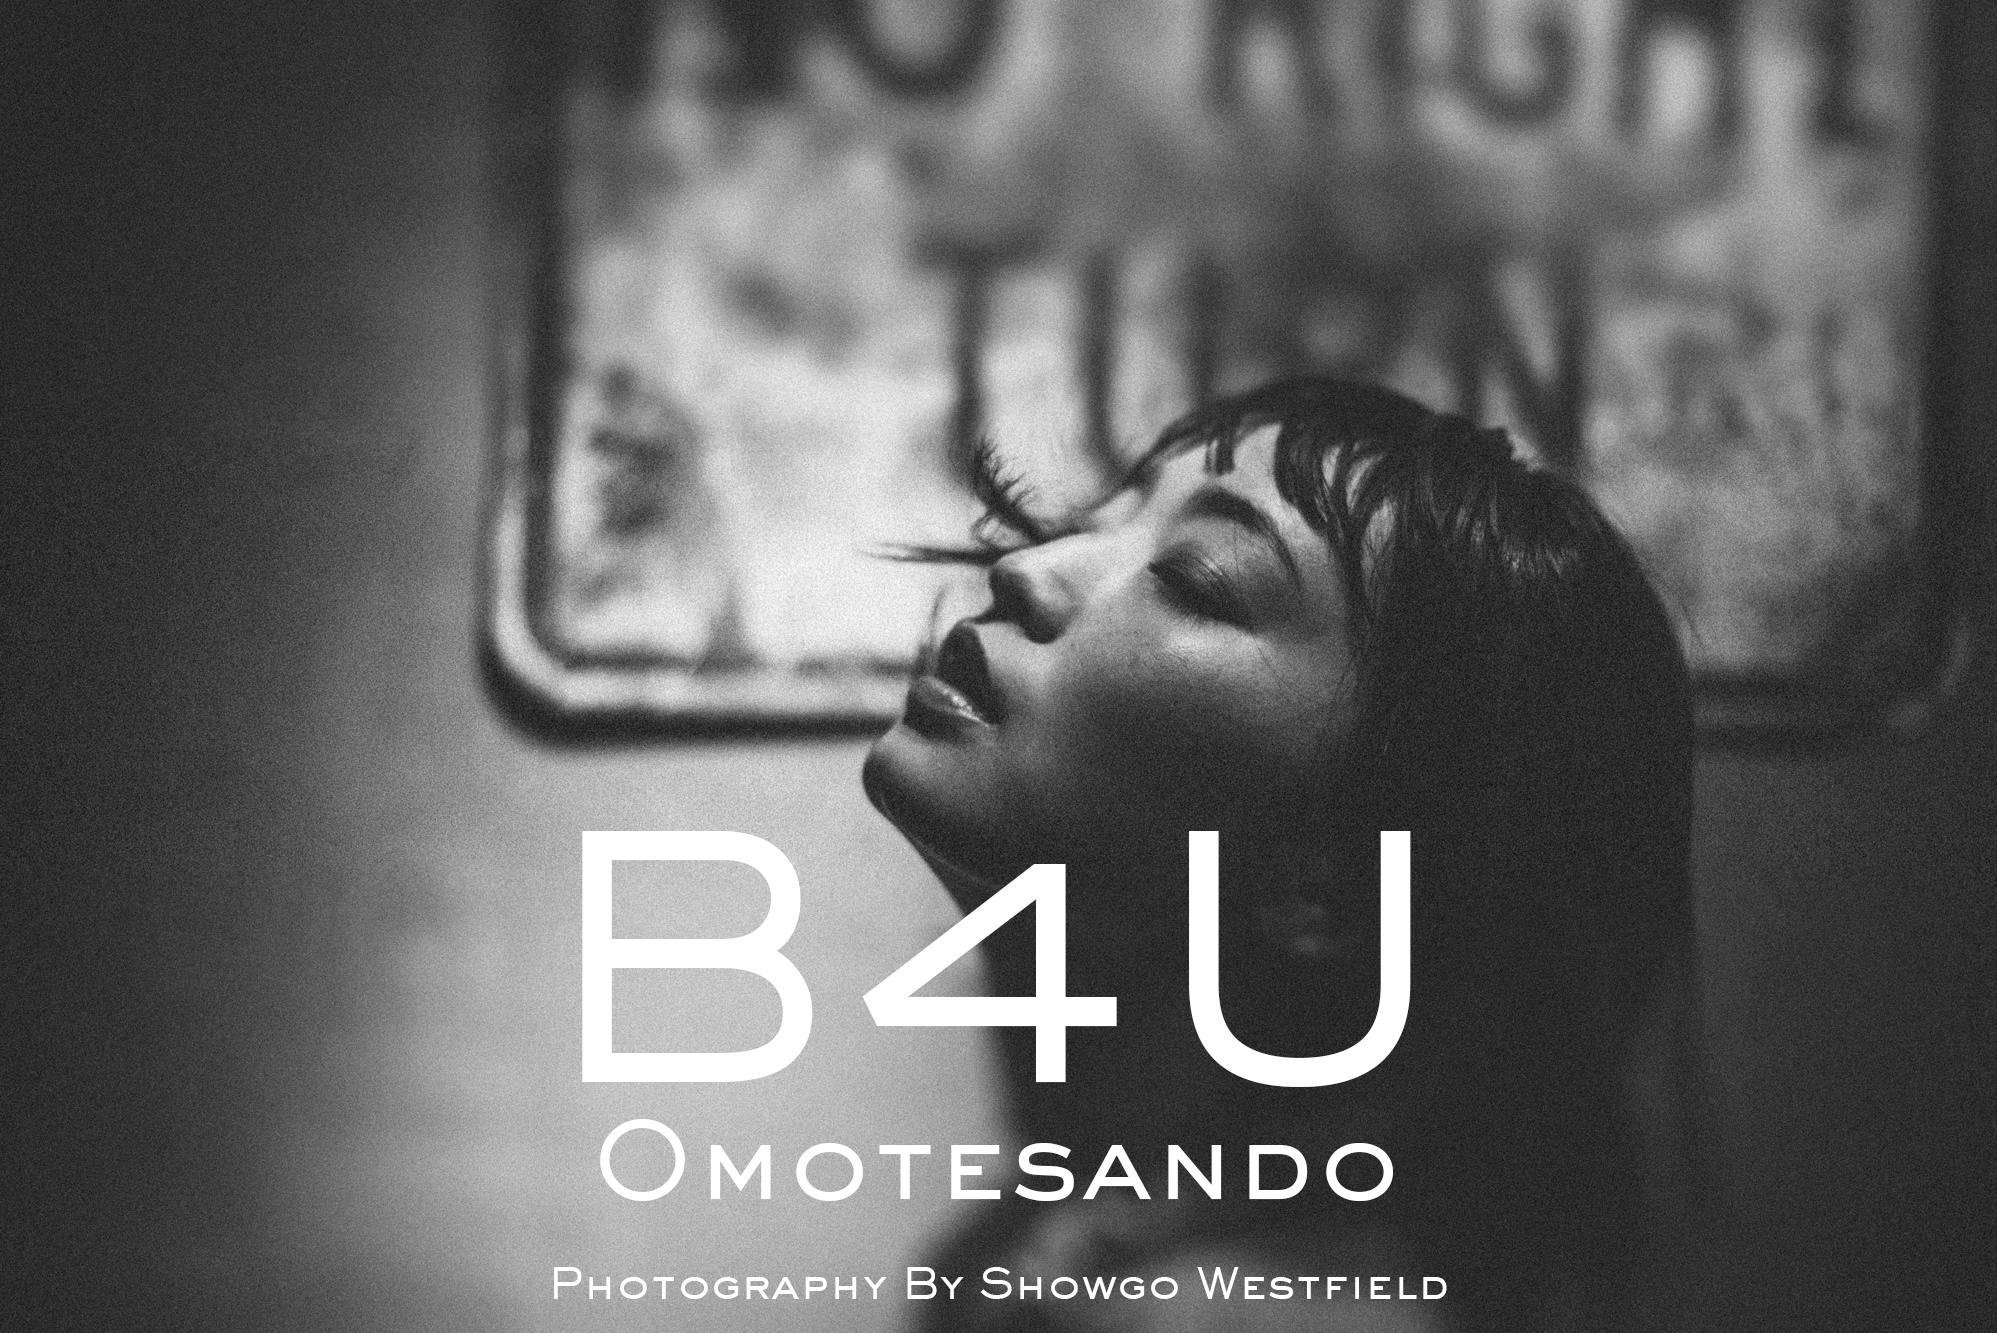 b4unanahogq